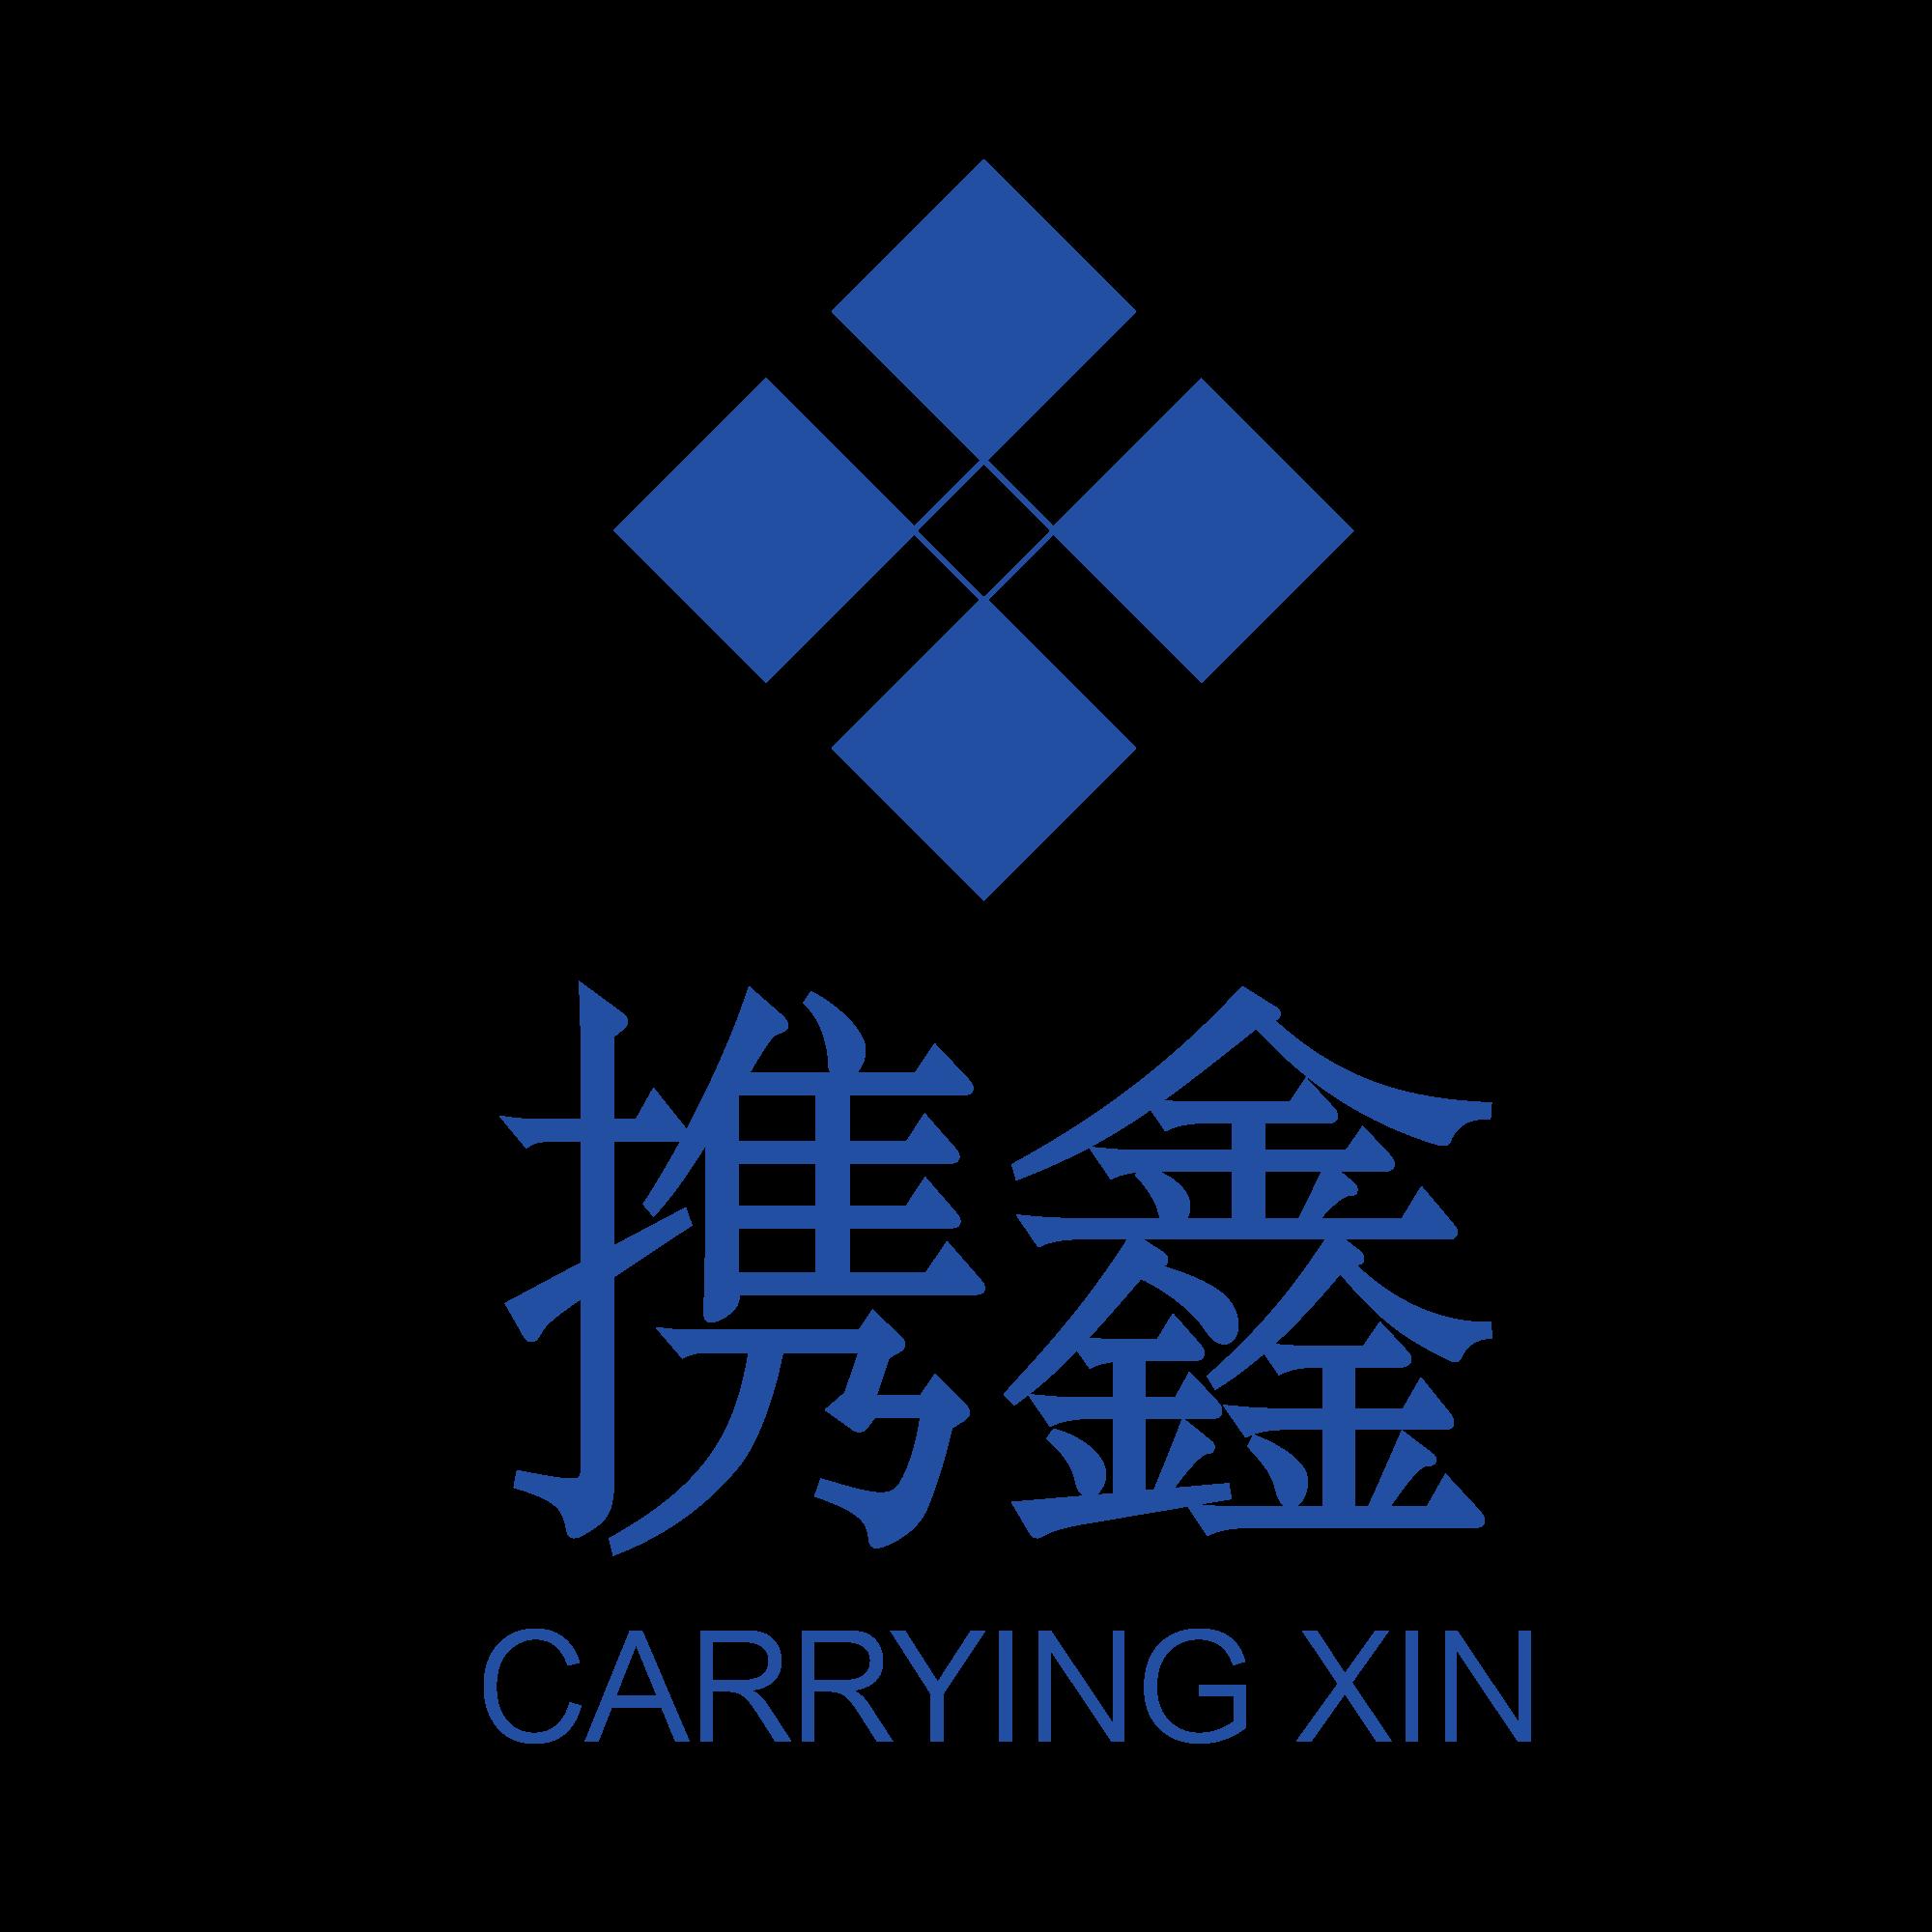 上海攜鑫信息技術有限公司